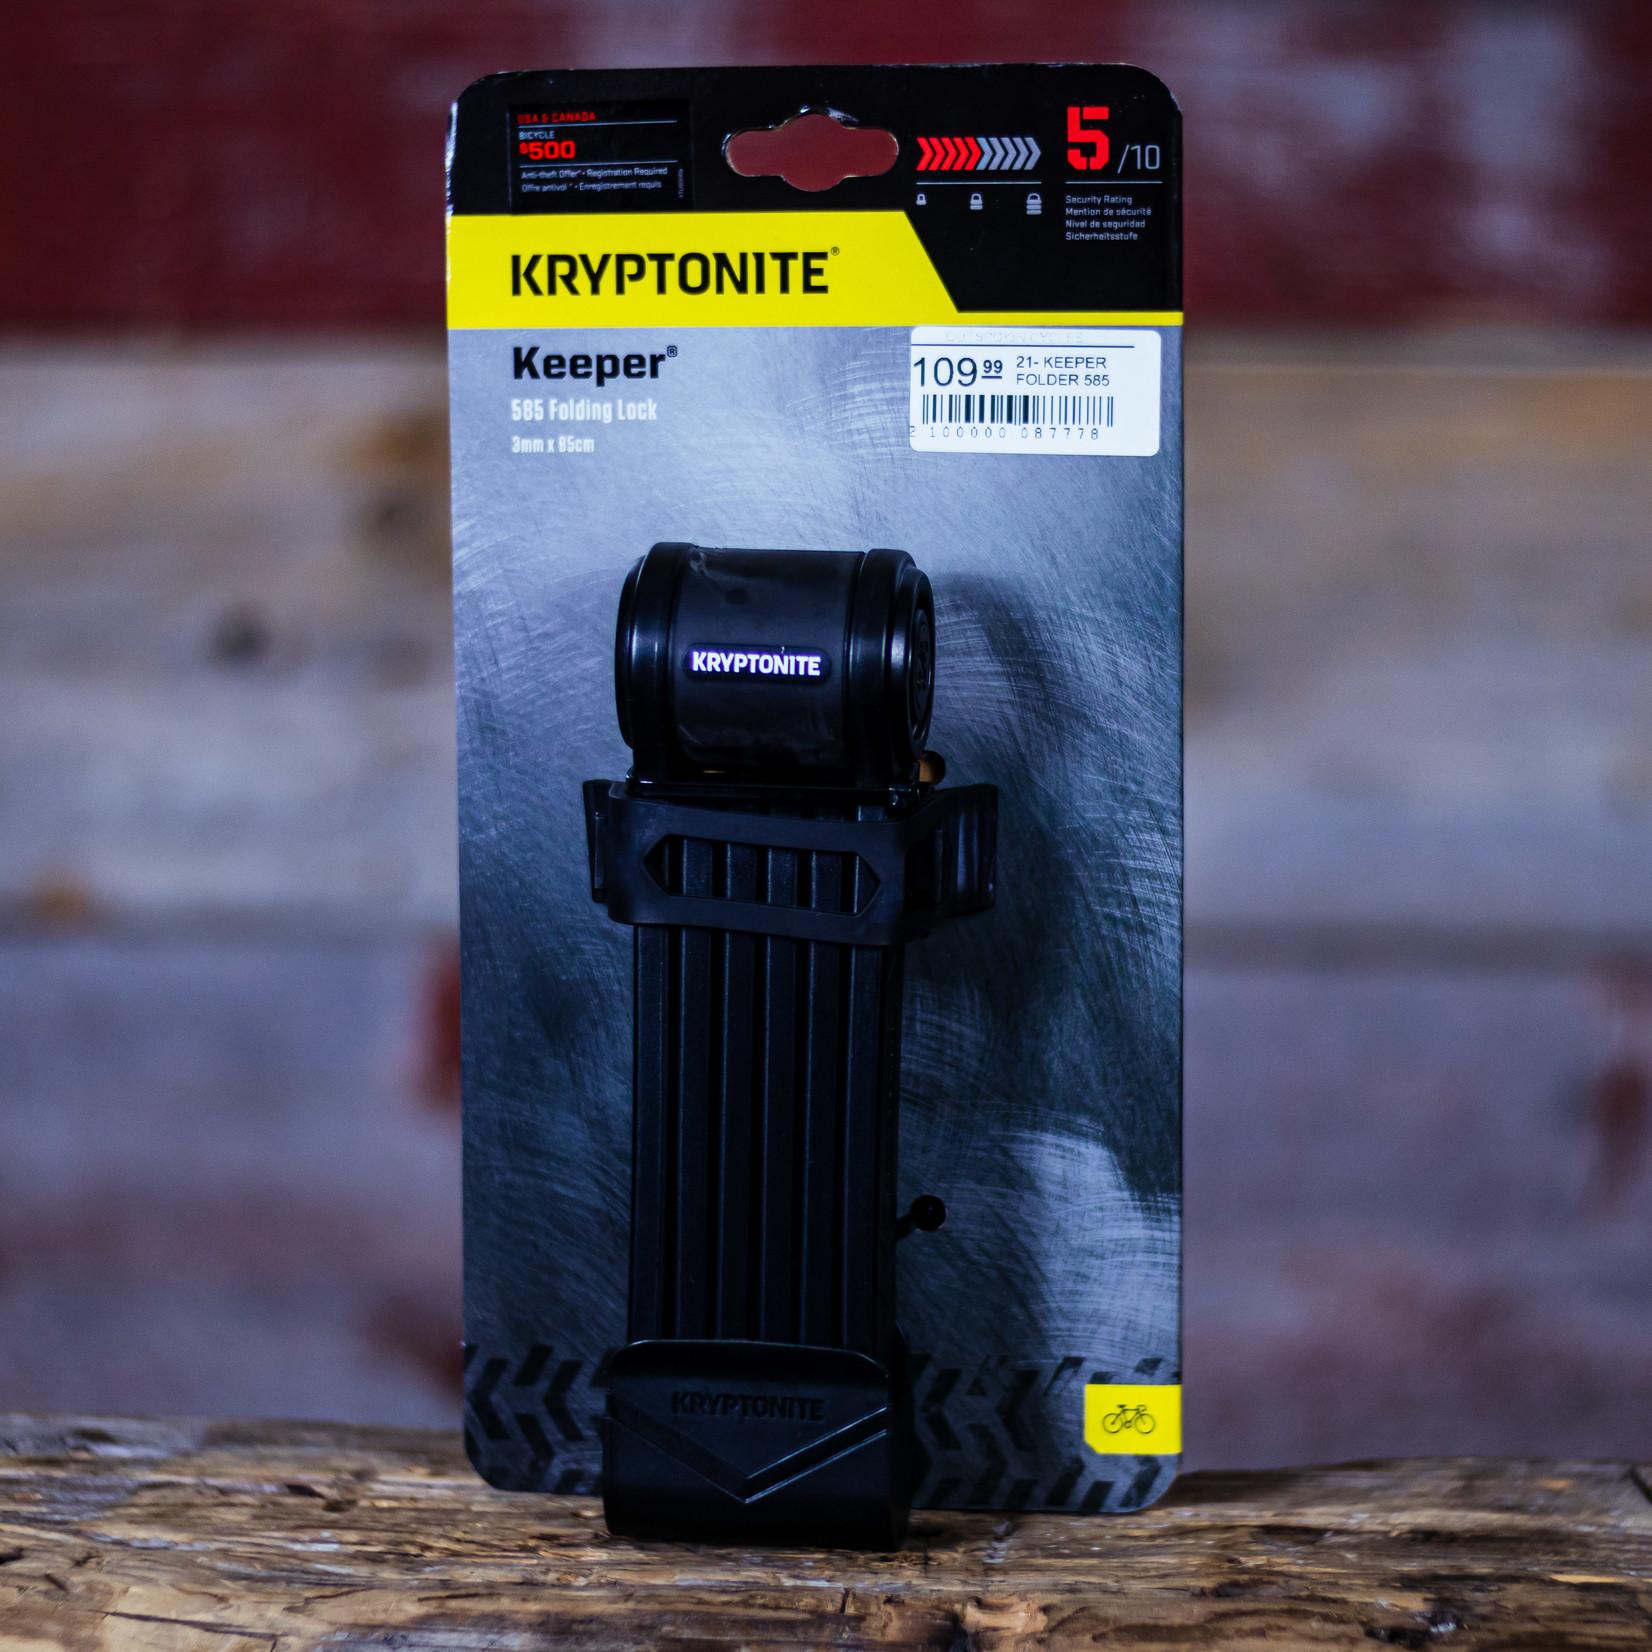 Kryptonite Keeper 585 Fold